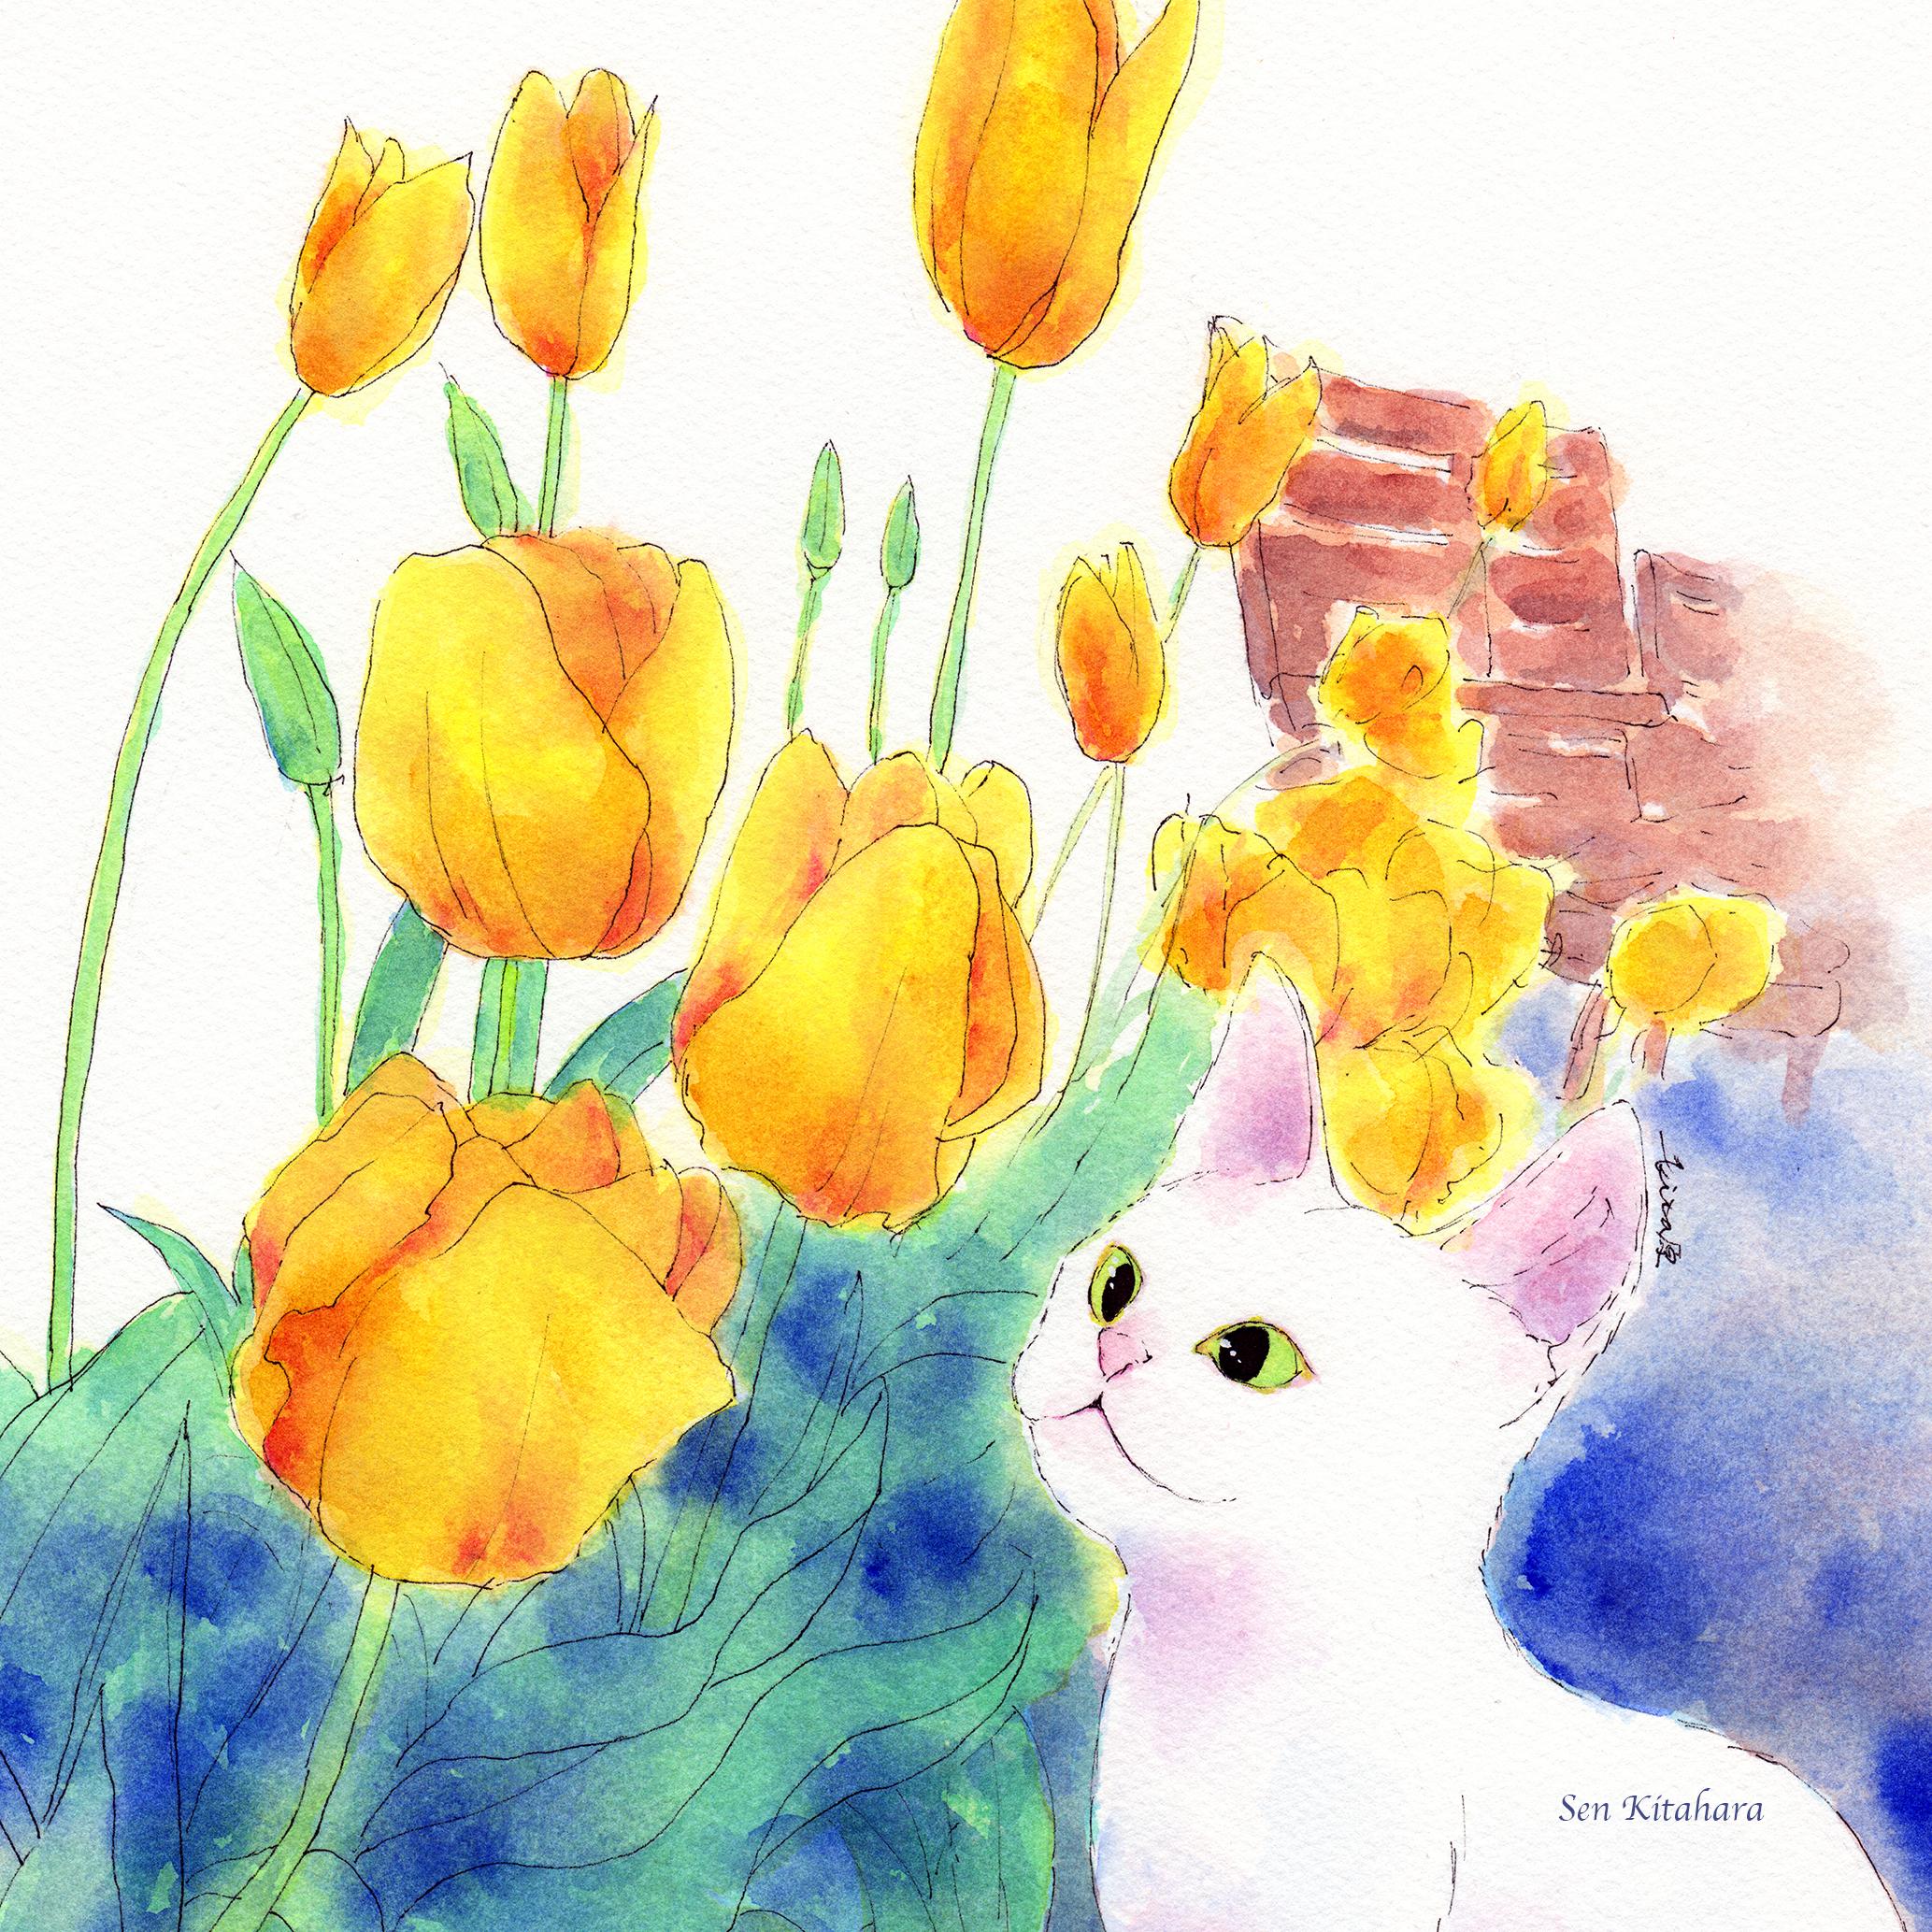 絵画 インテリア アートパネル 雑貨 壁掛け 置物 おしゃれ 水彩画 創作 猫 ネコ ねこ 動物 ロココロ 画家 : 北原 千 作品 : チューリップでお花見